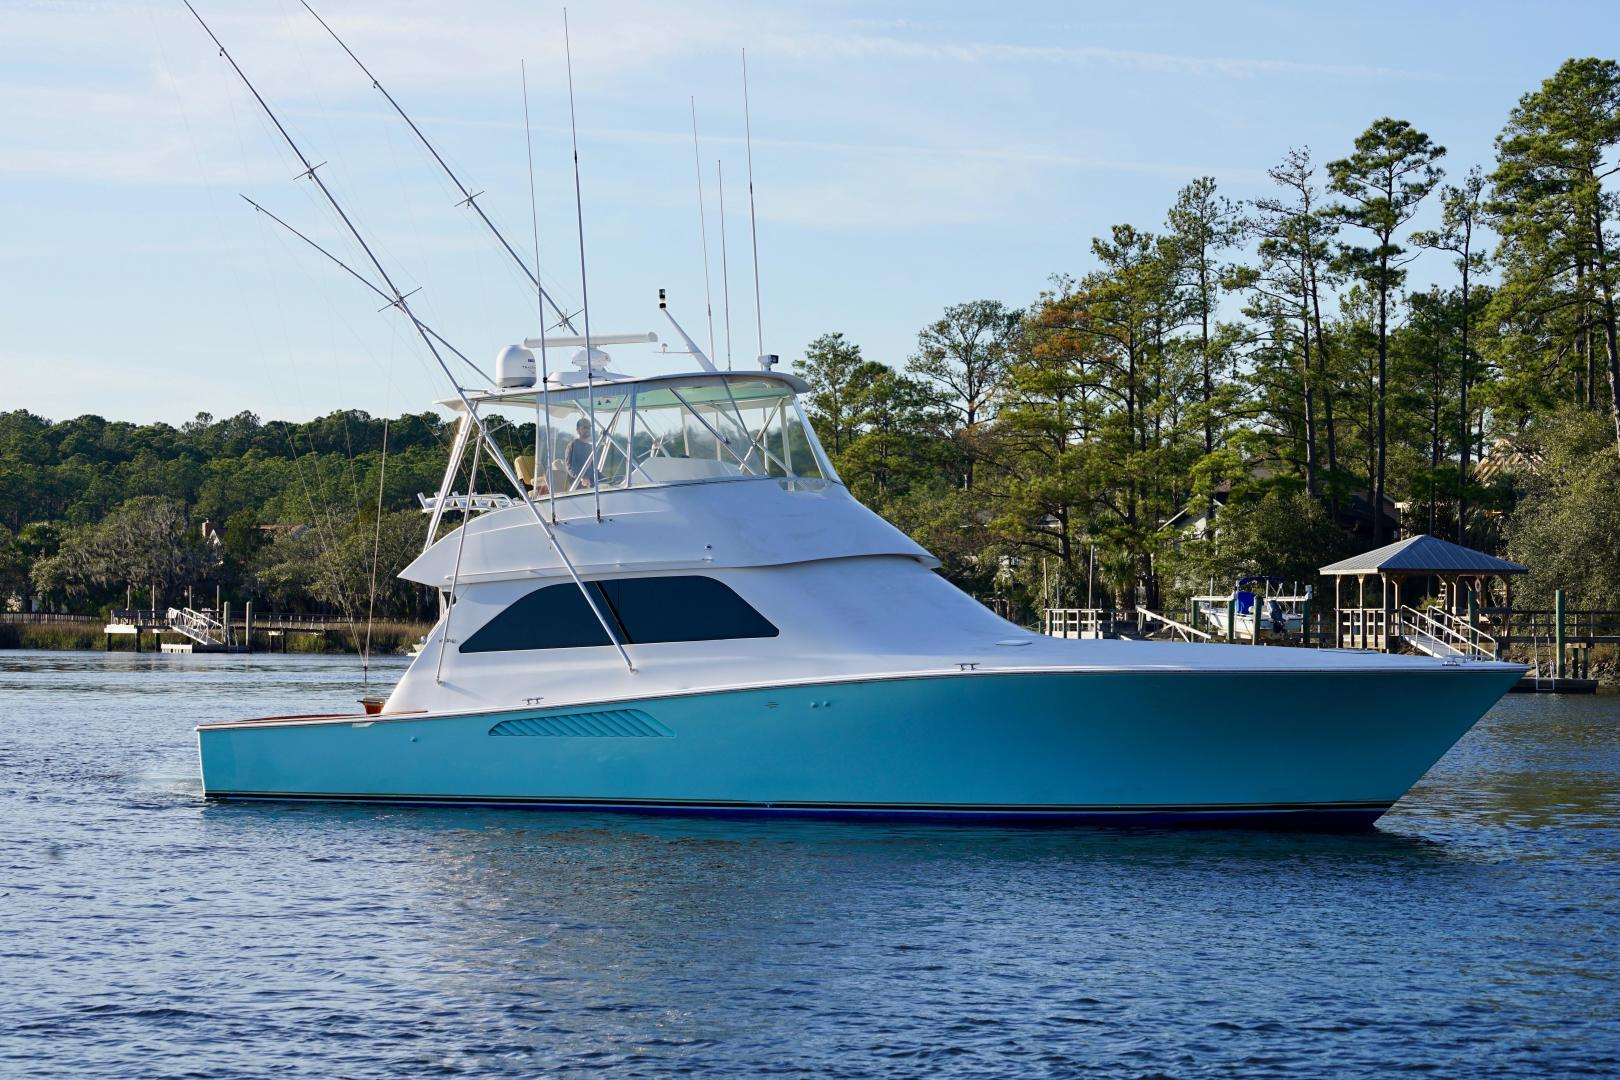 Viking-Convertible 2002-Gee Chee Girl Edisto-South Carolina-United States-1375542 | Thumbnail